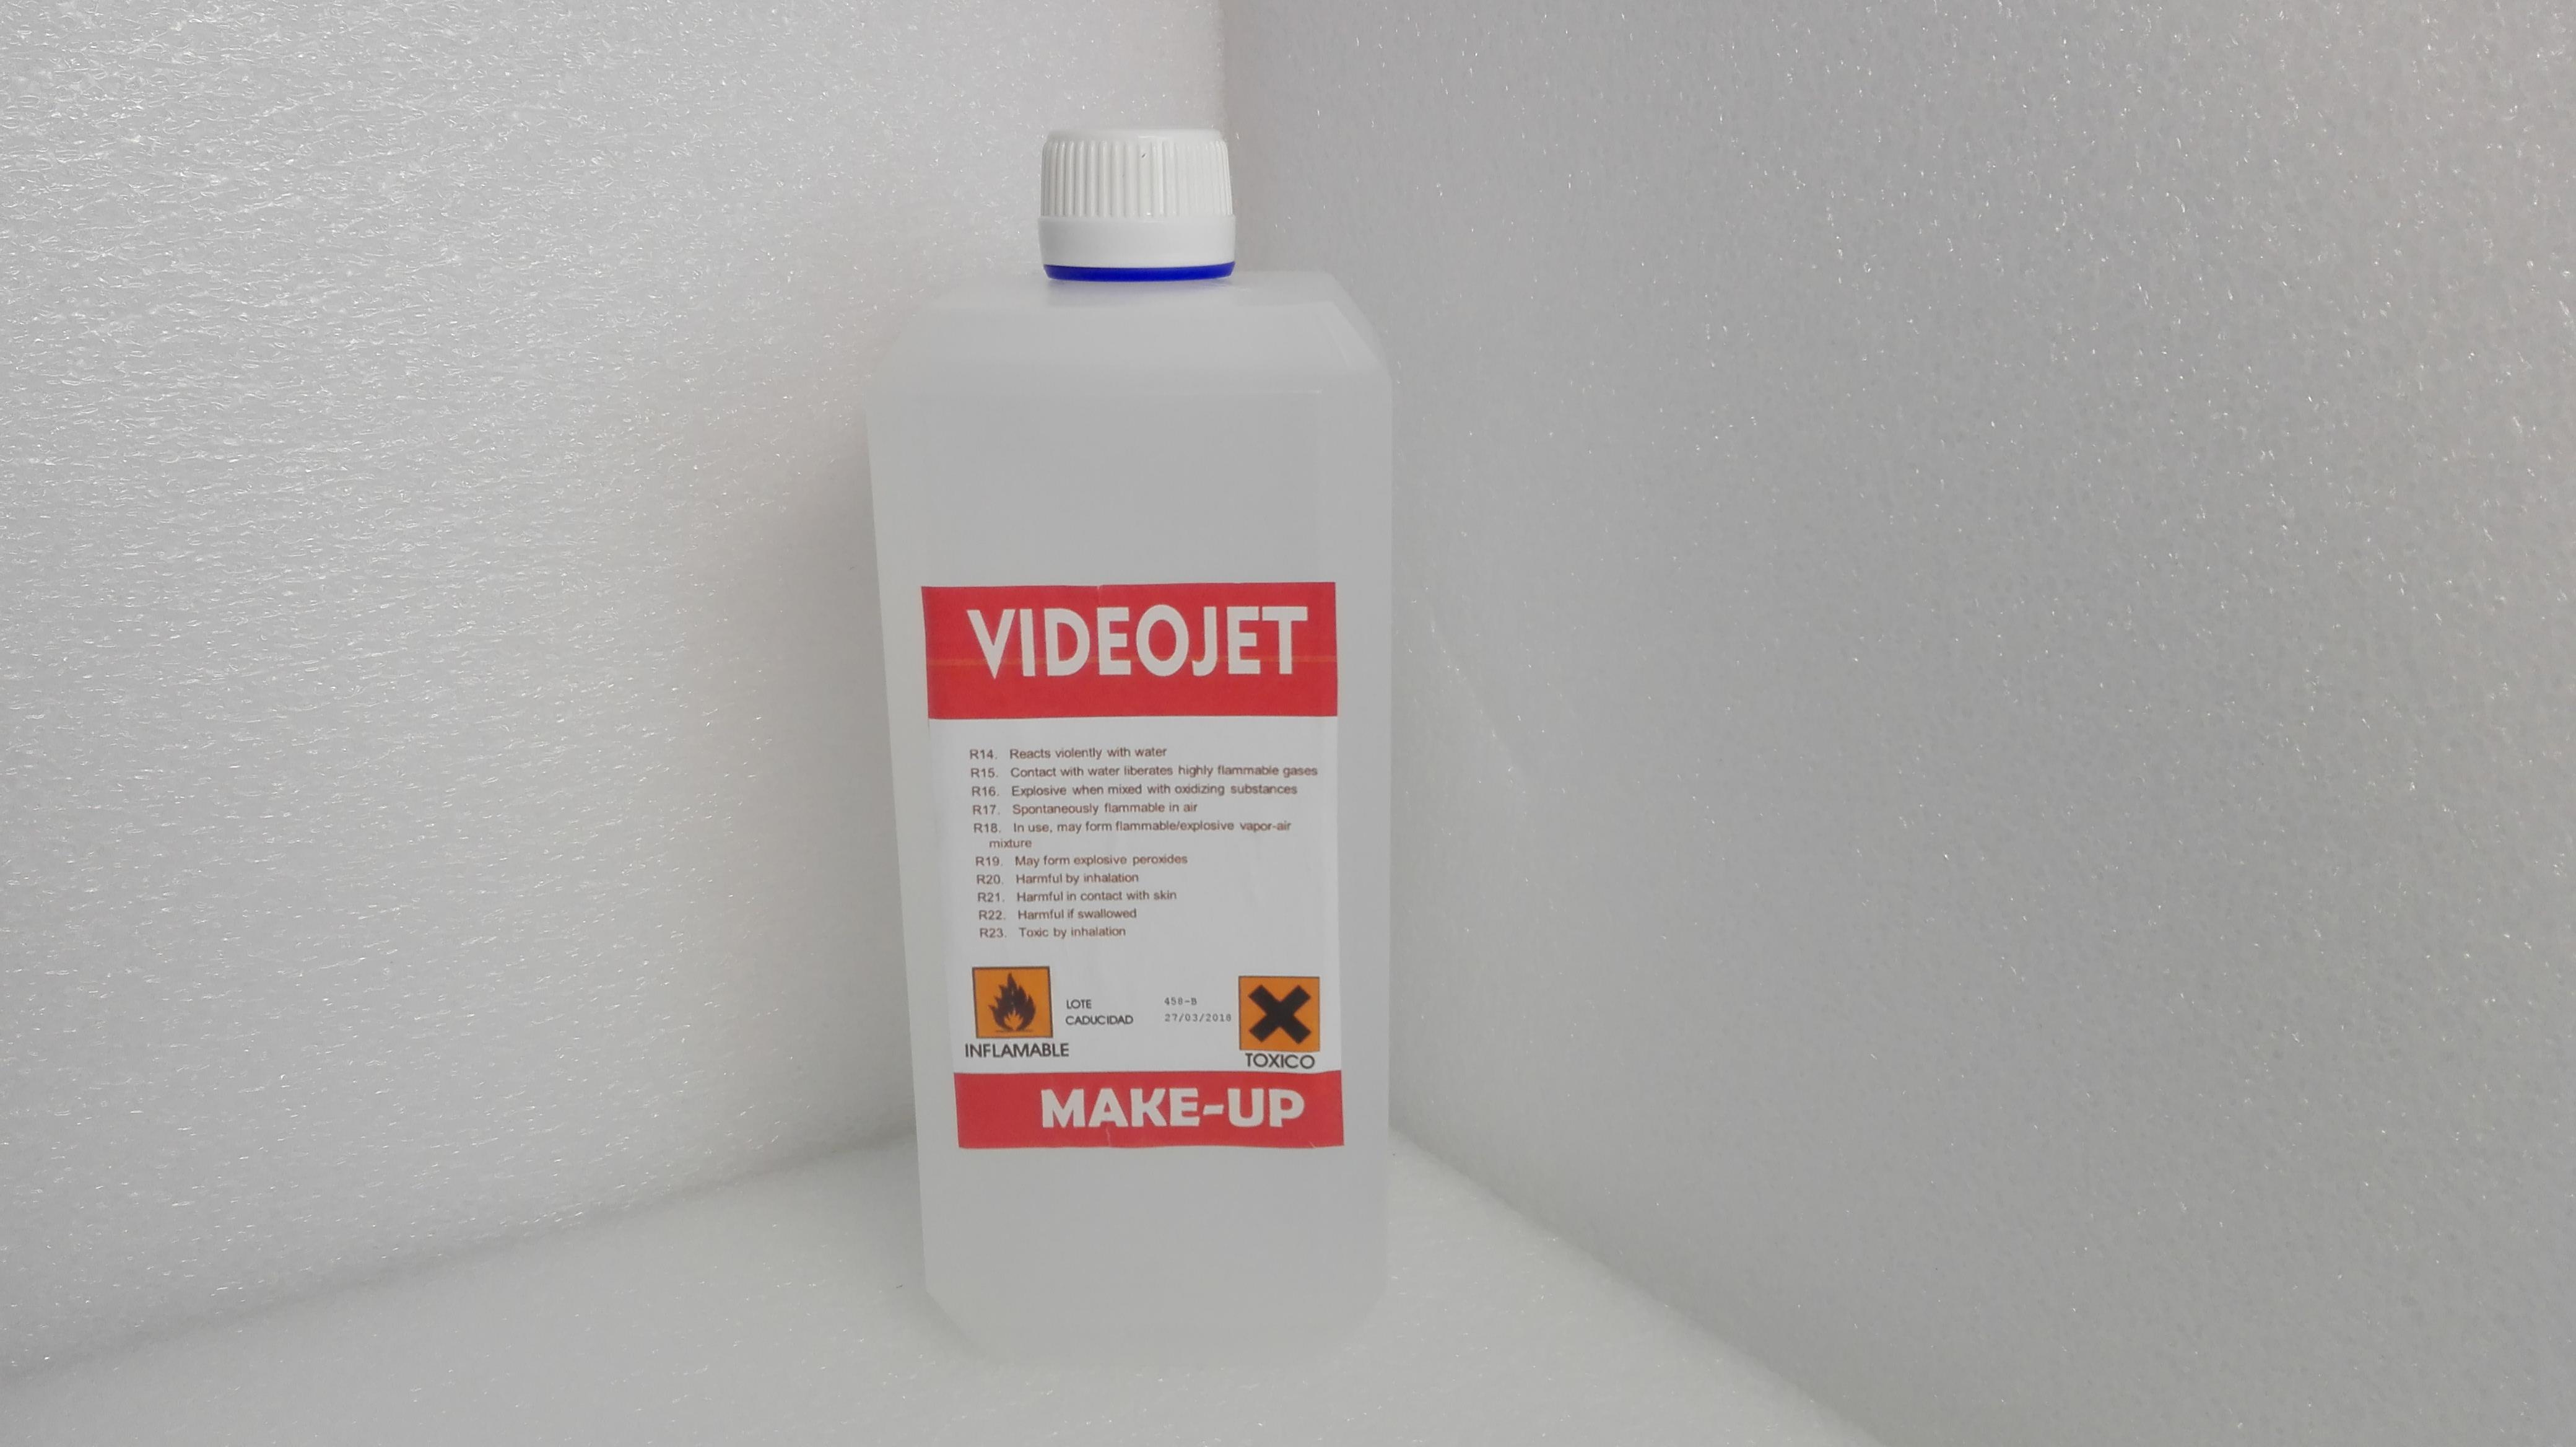 videojet makeup